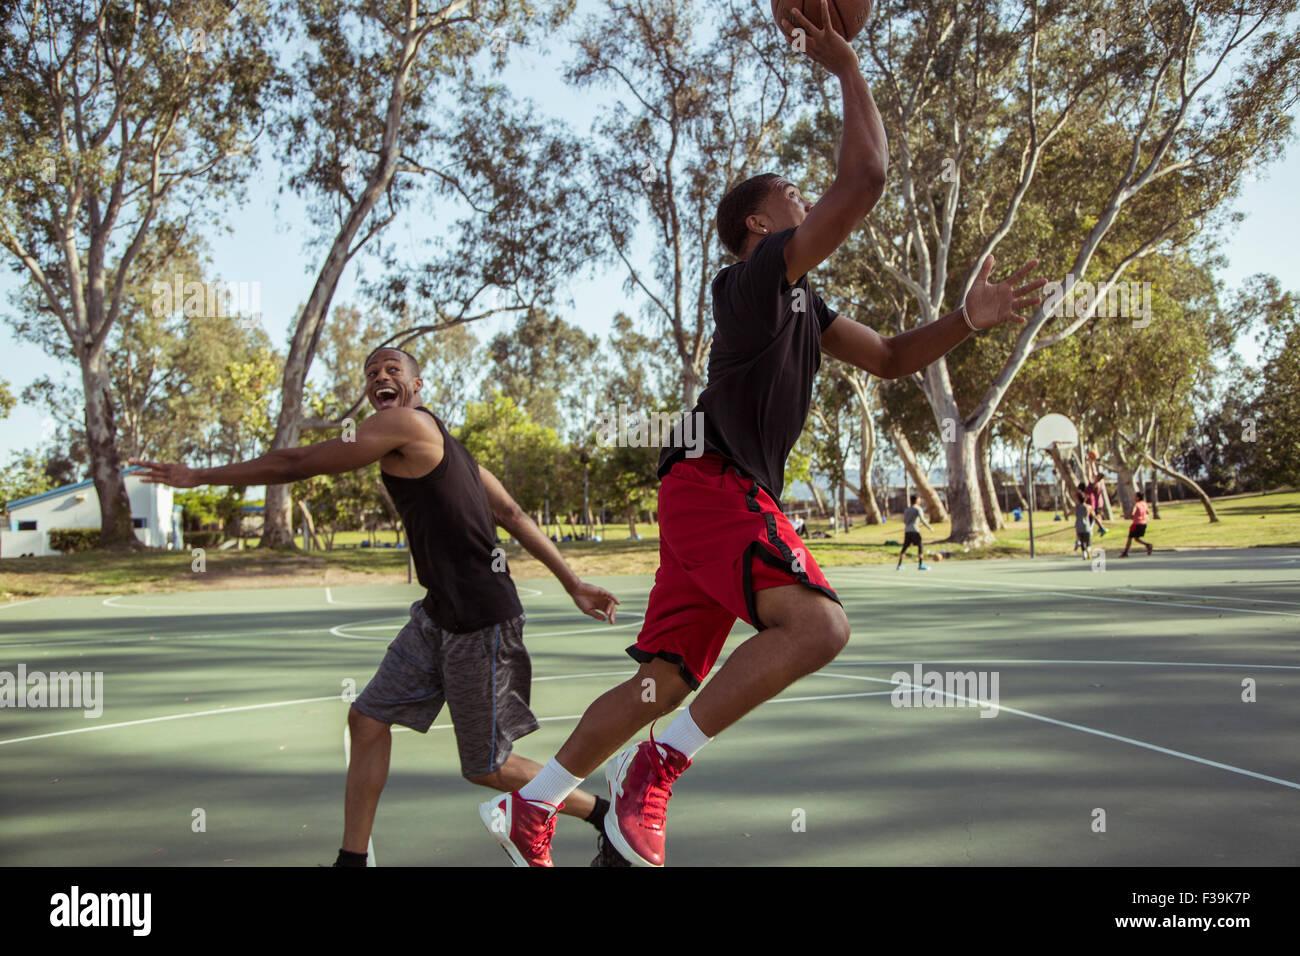 Deux jeunes hommes jouant au basket-ball, de basket-ball dans le parc au coucher du soleil Photo Stock